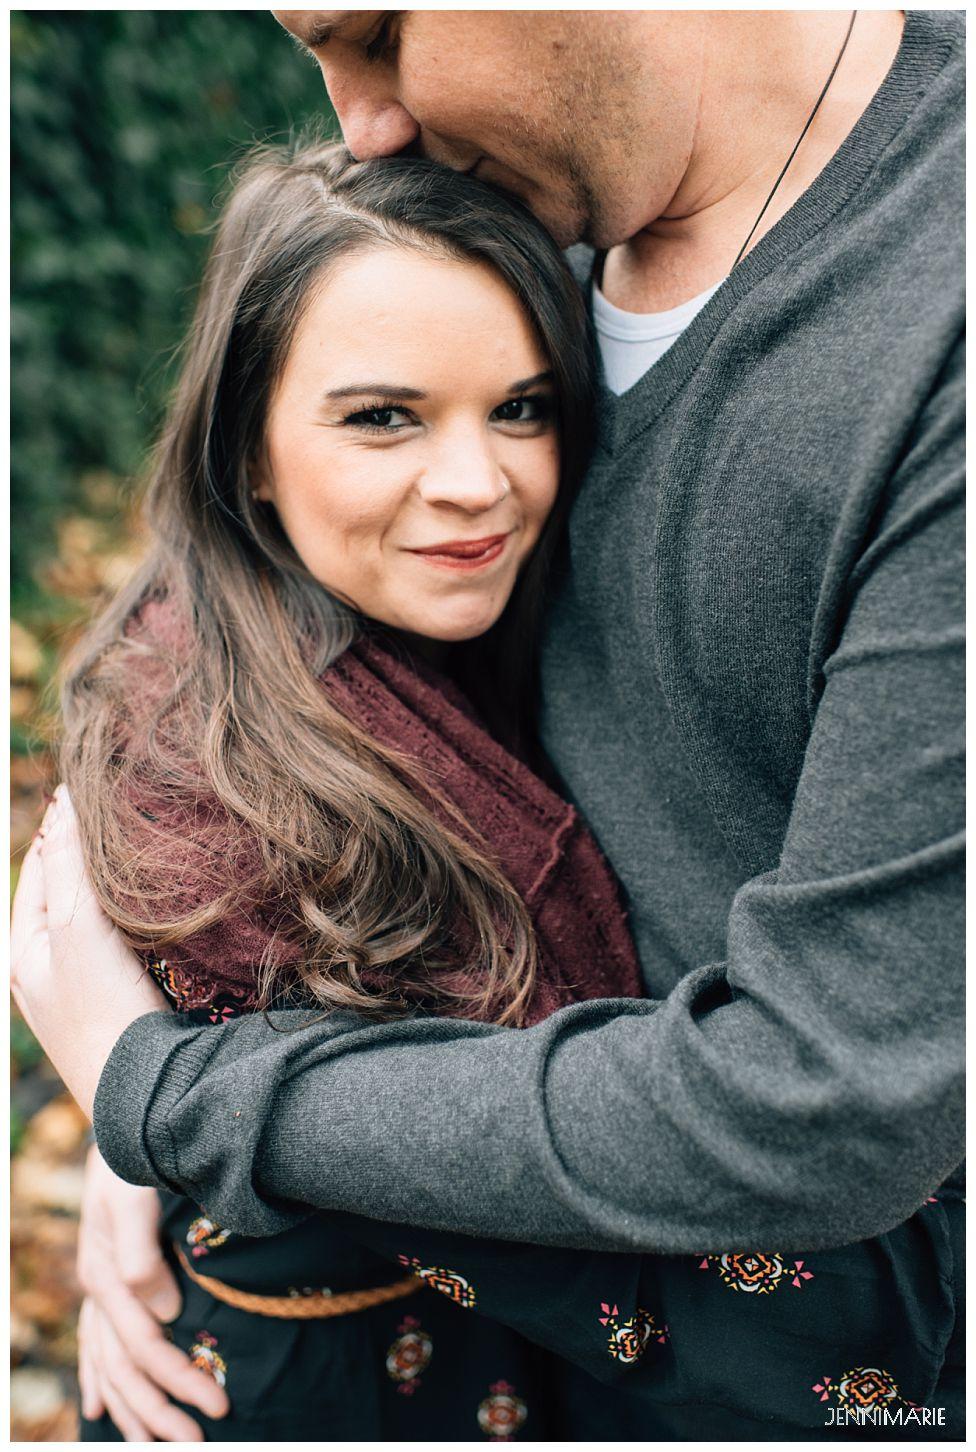 Ellewood Park engagement photos